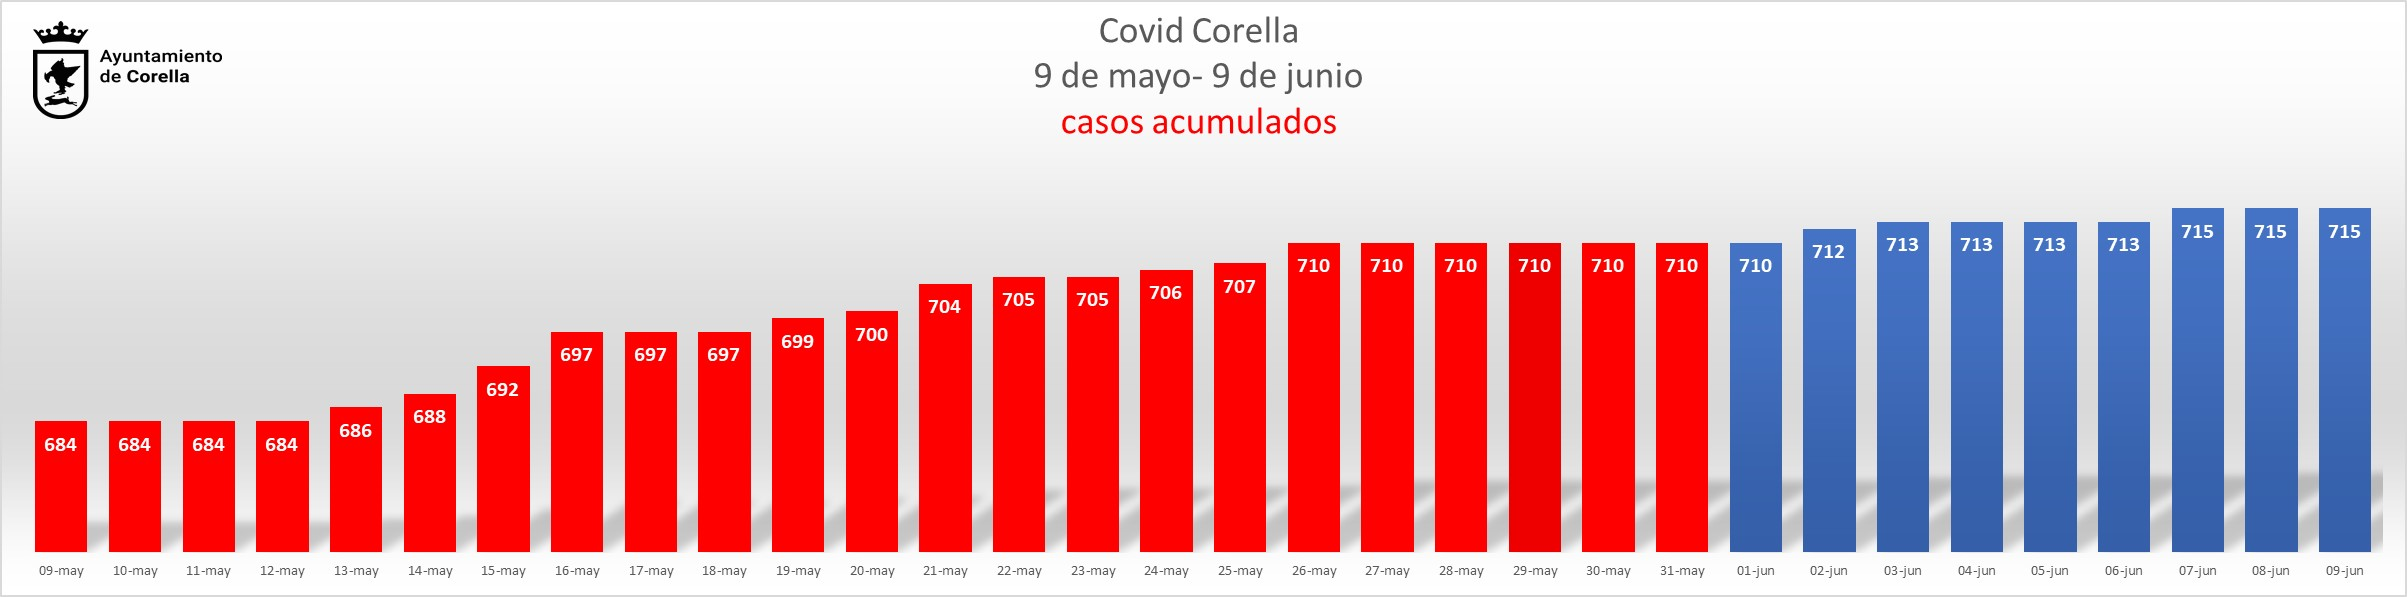 Grafico acumulado_100621